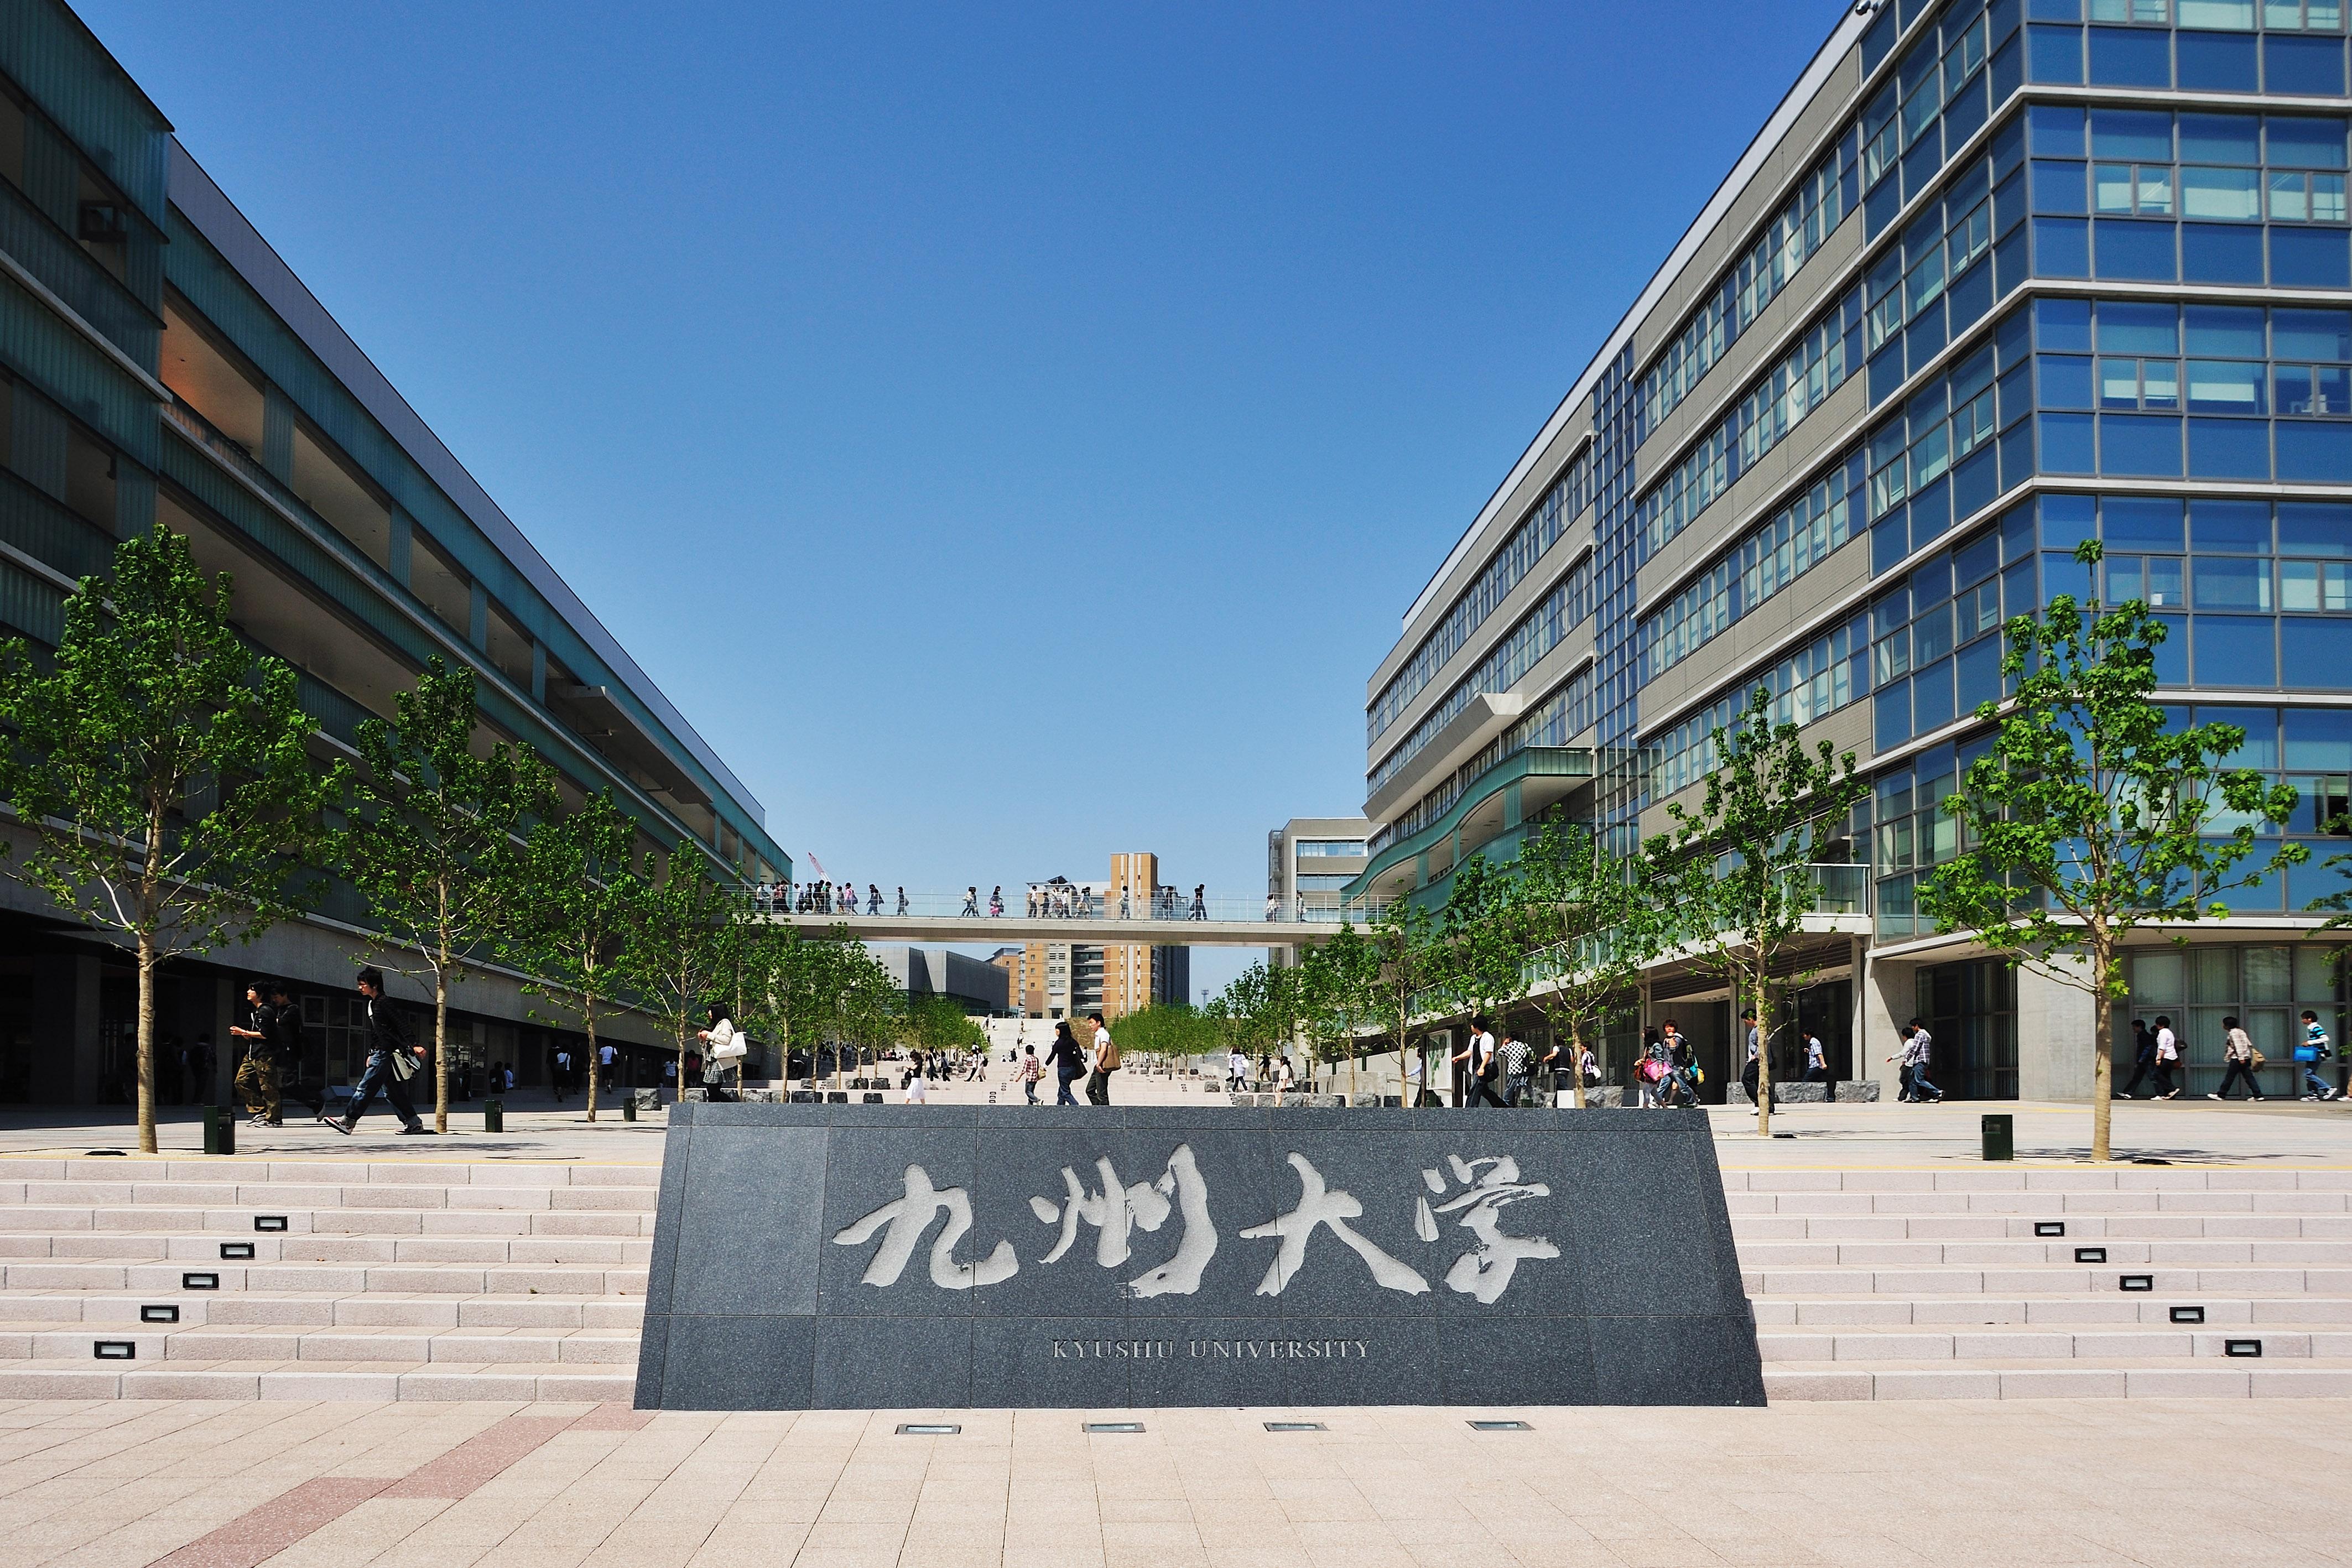 秋山ありす 2年のブランクがありながらも九州大学医学部を無事に卒業した秋山ありす